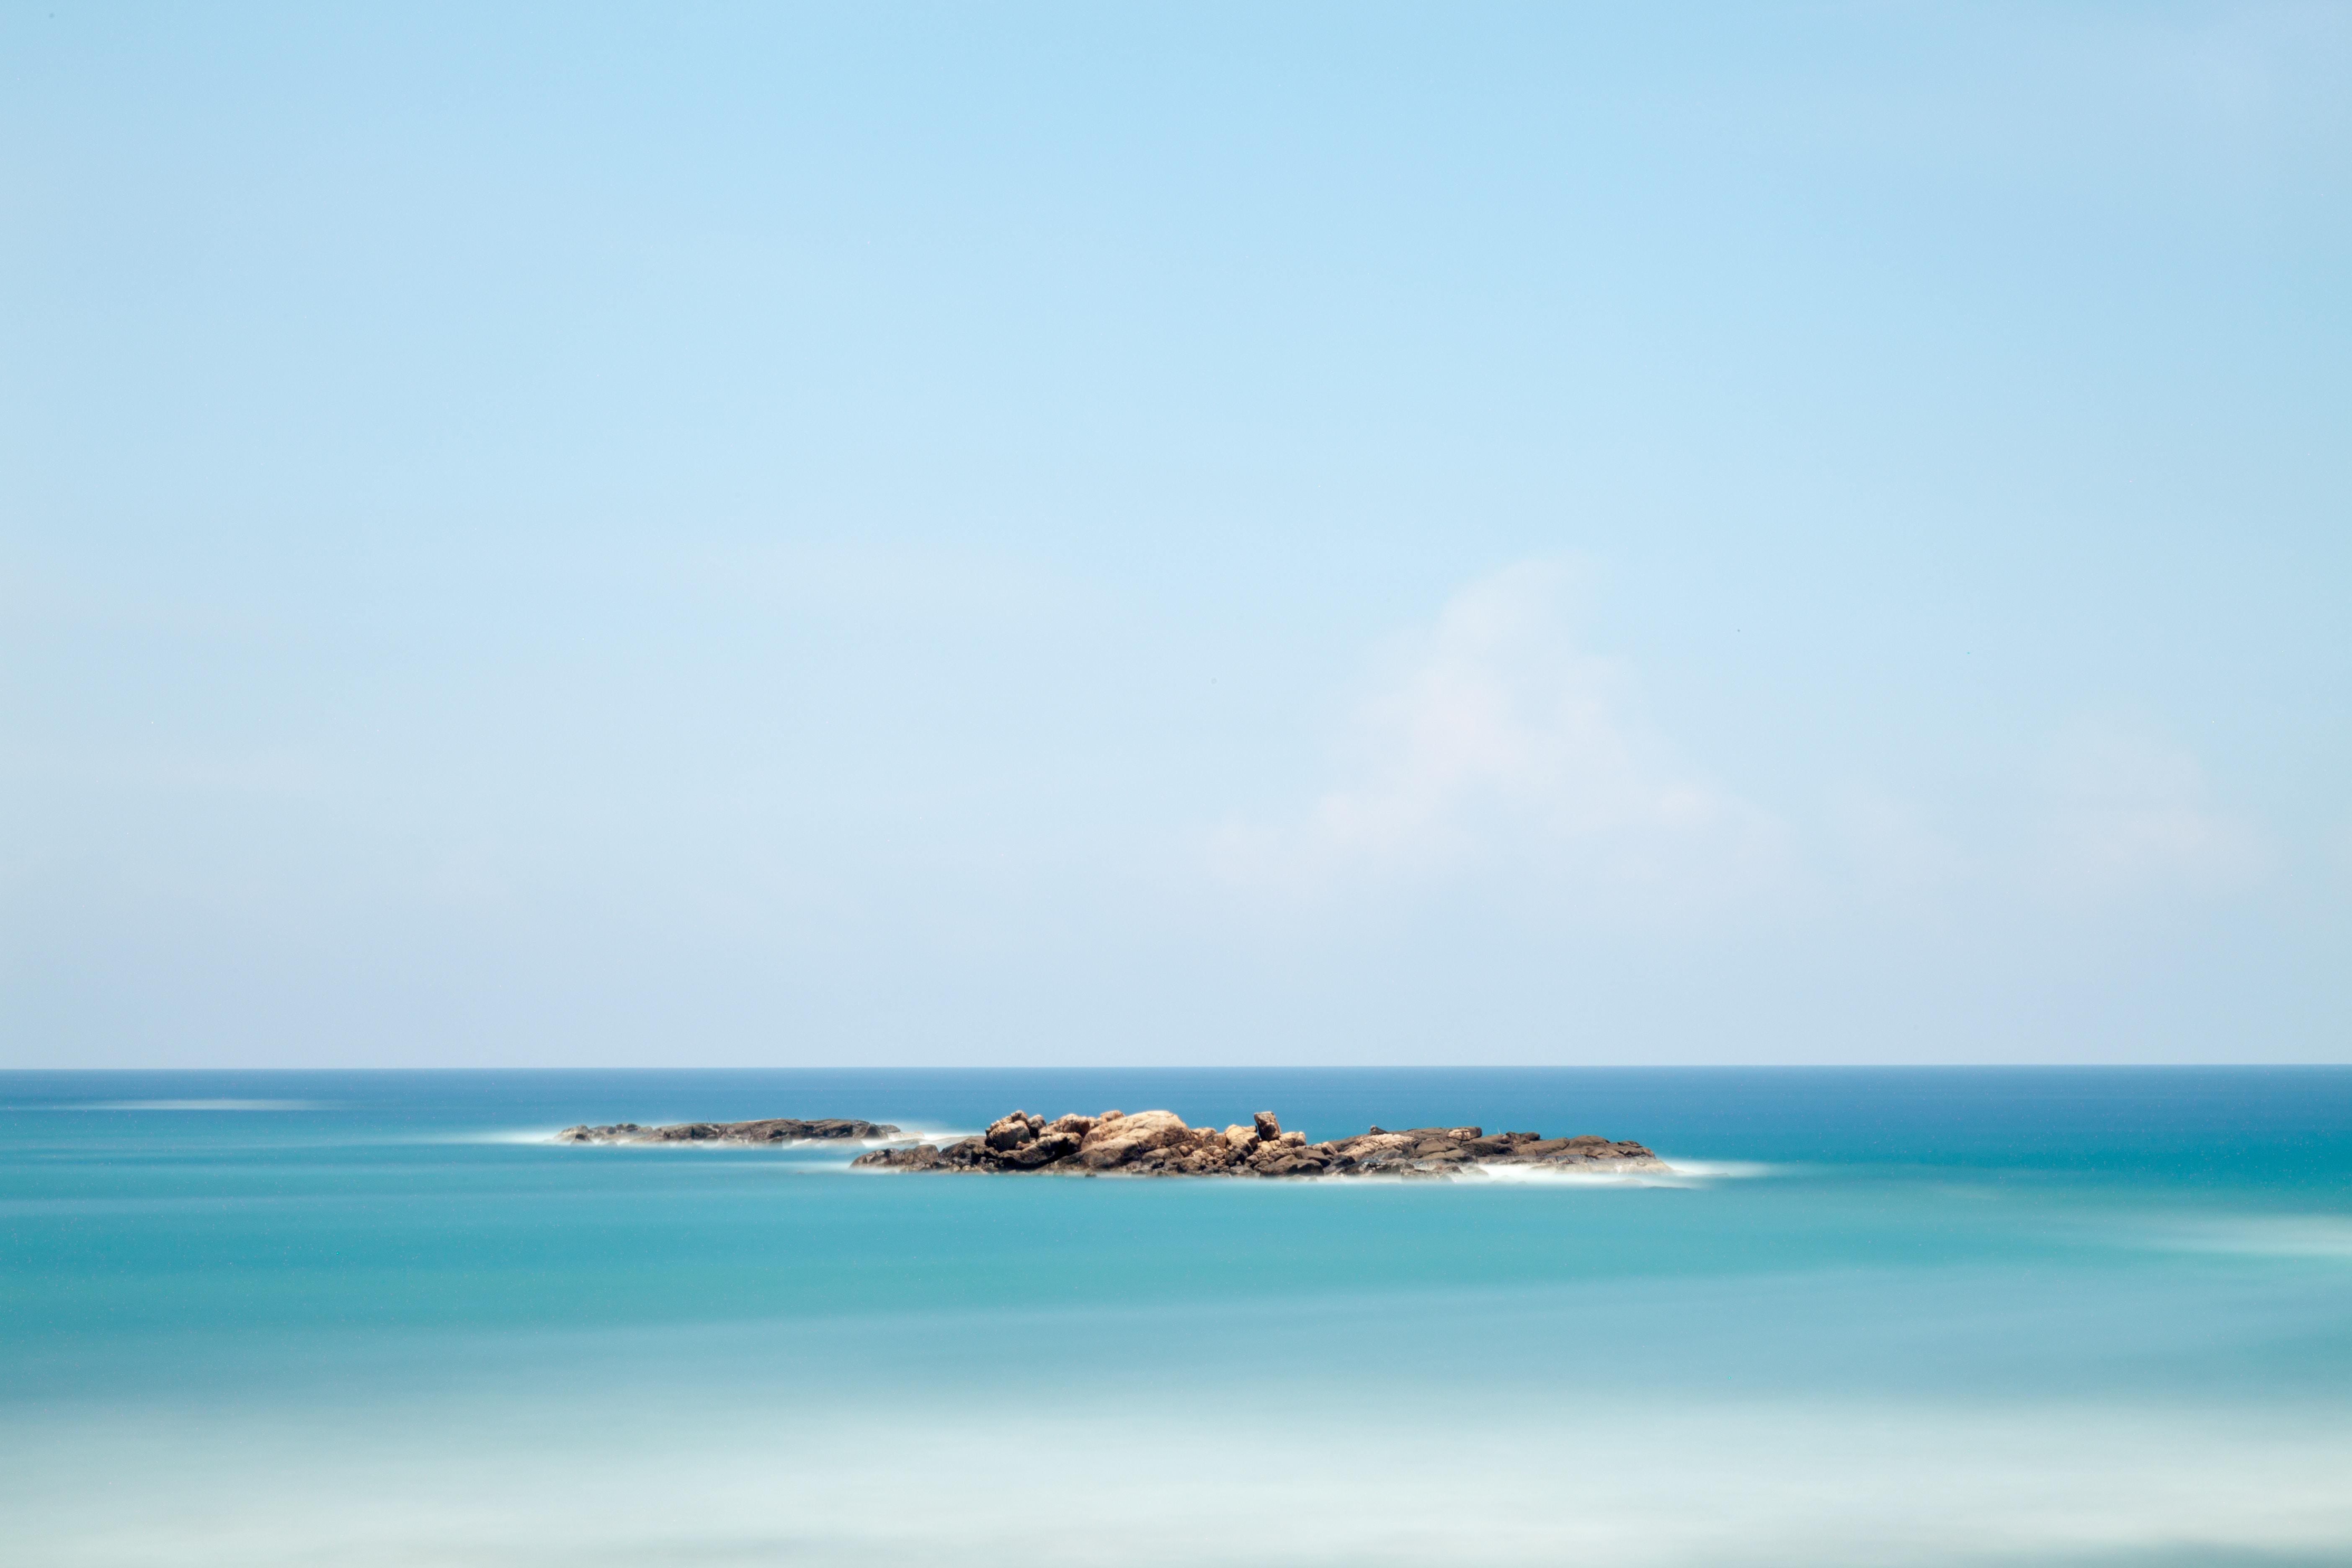 landscape photo of island